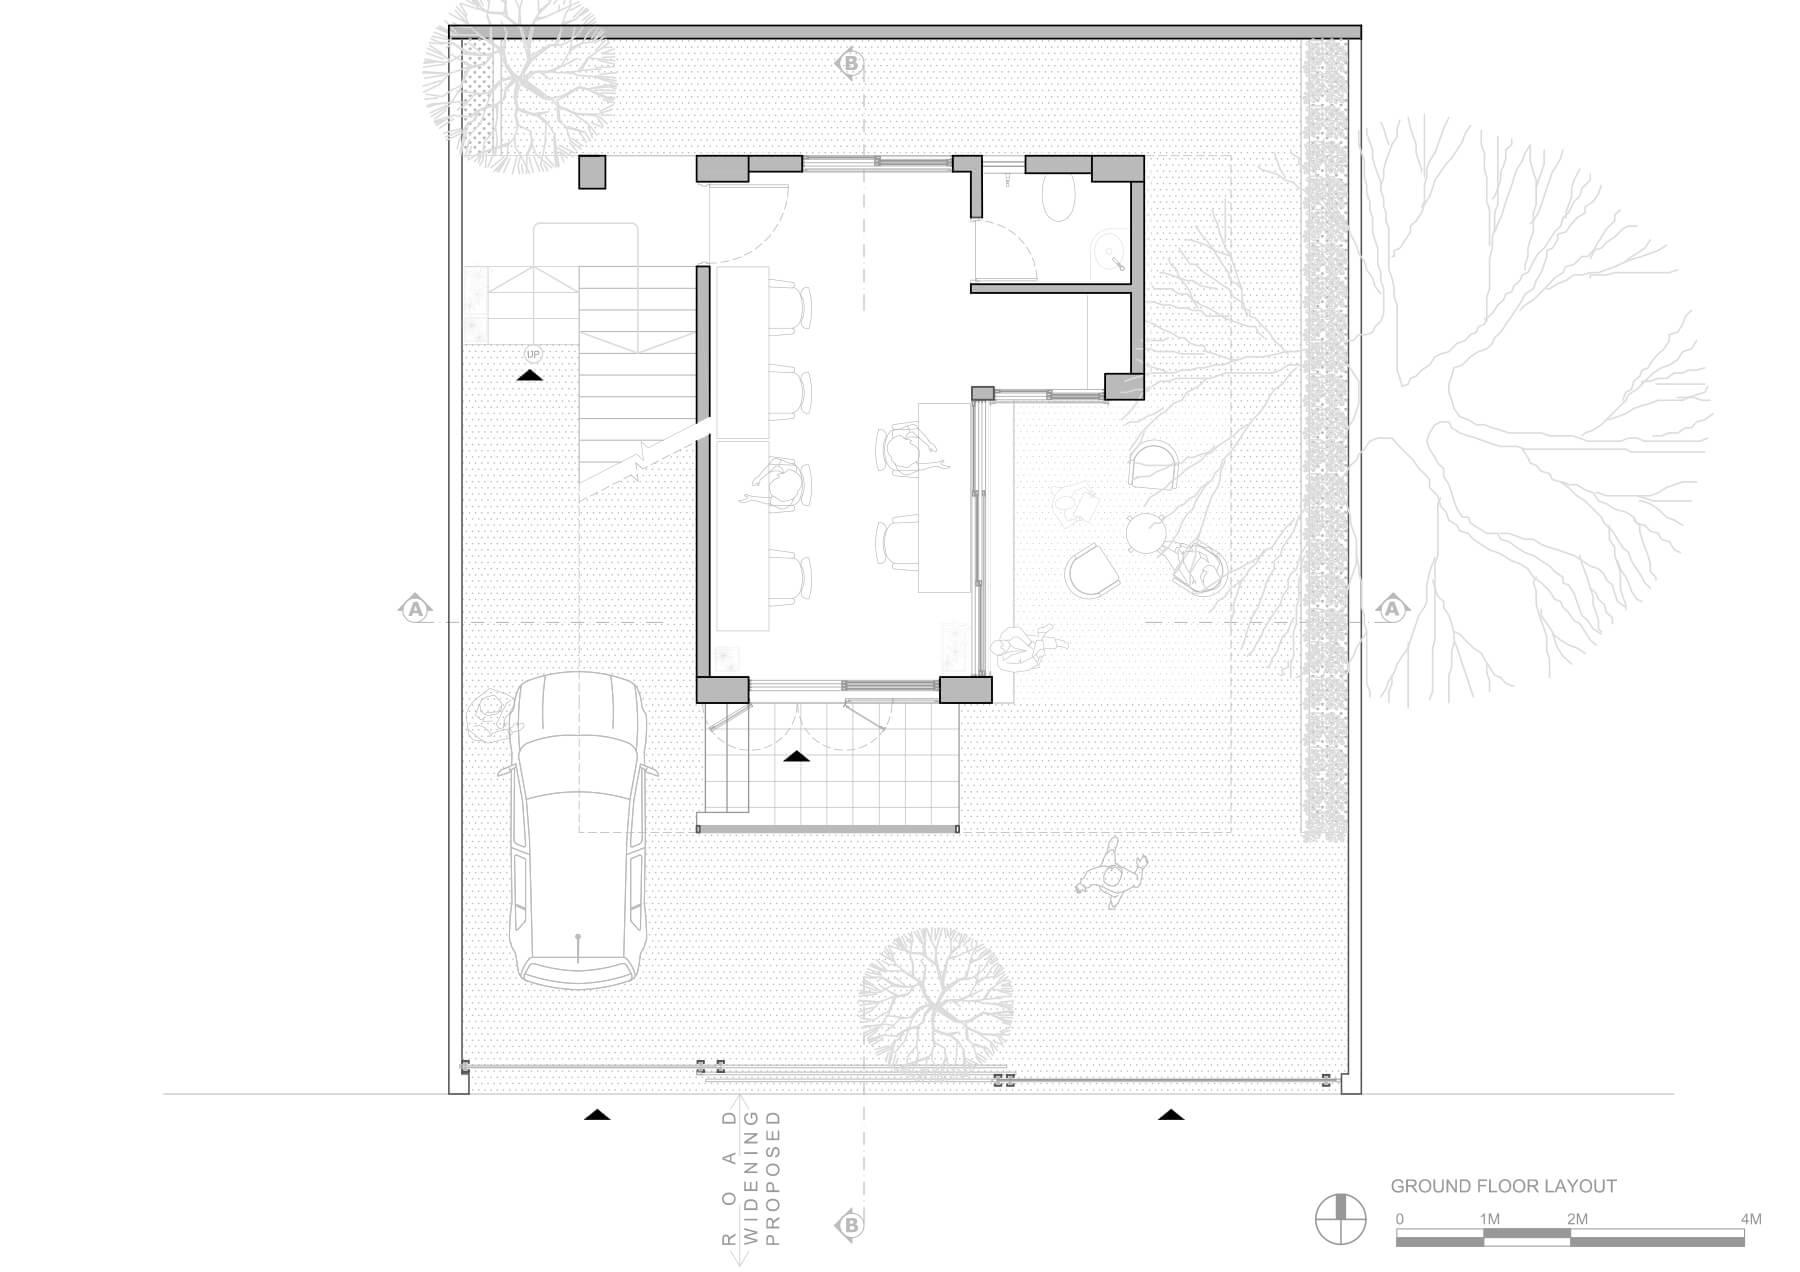 1-ground floor